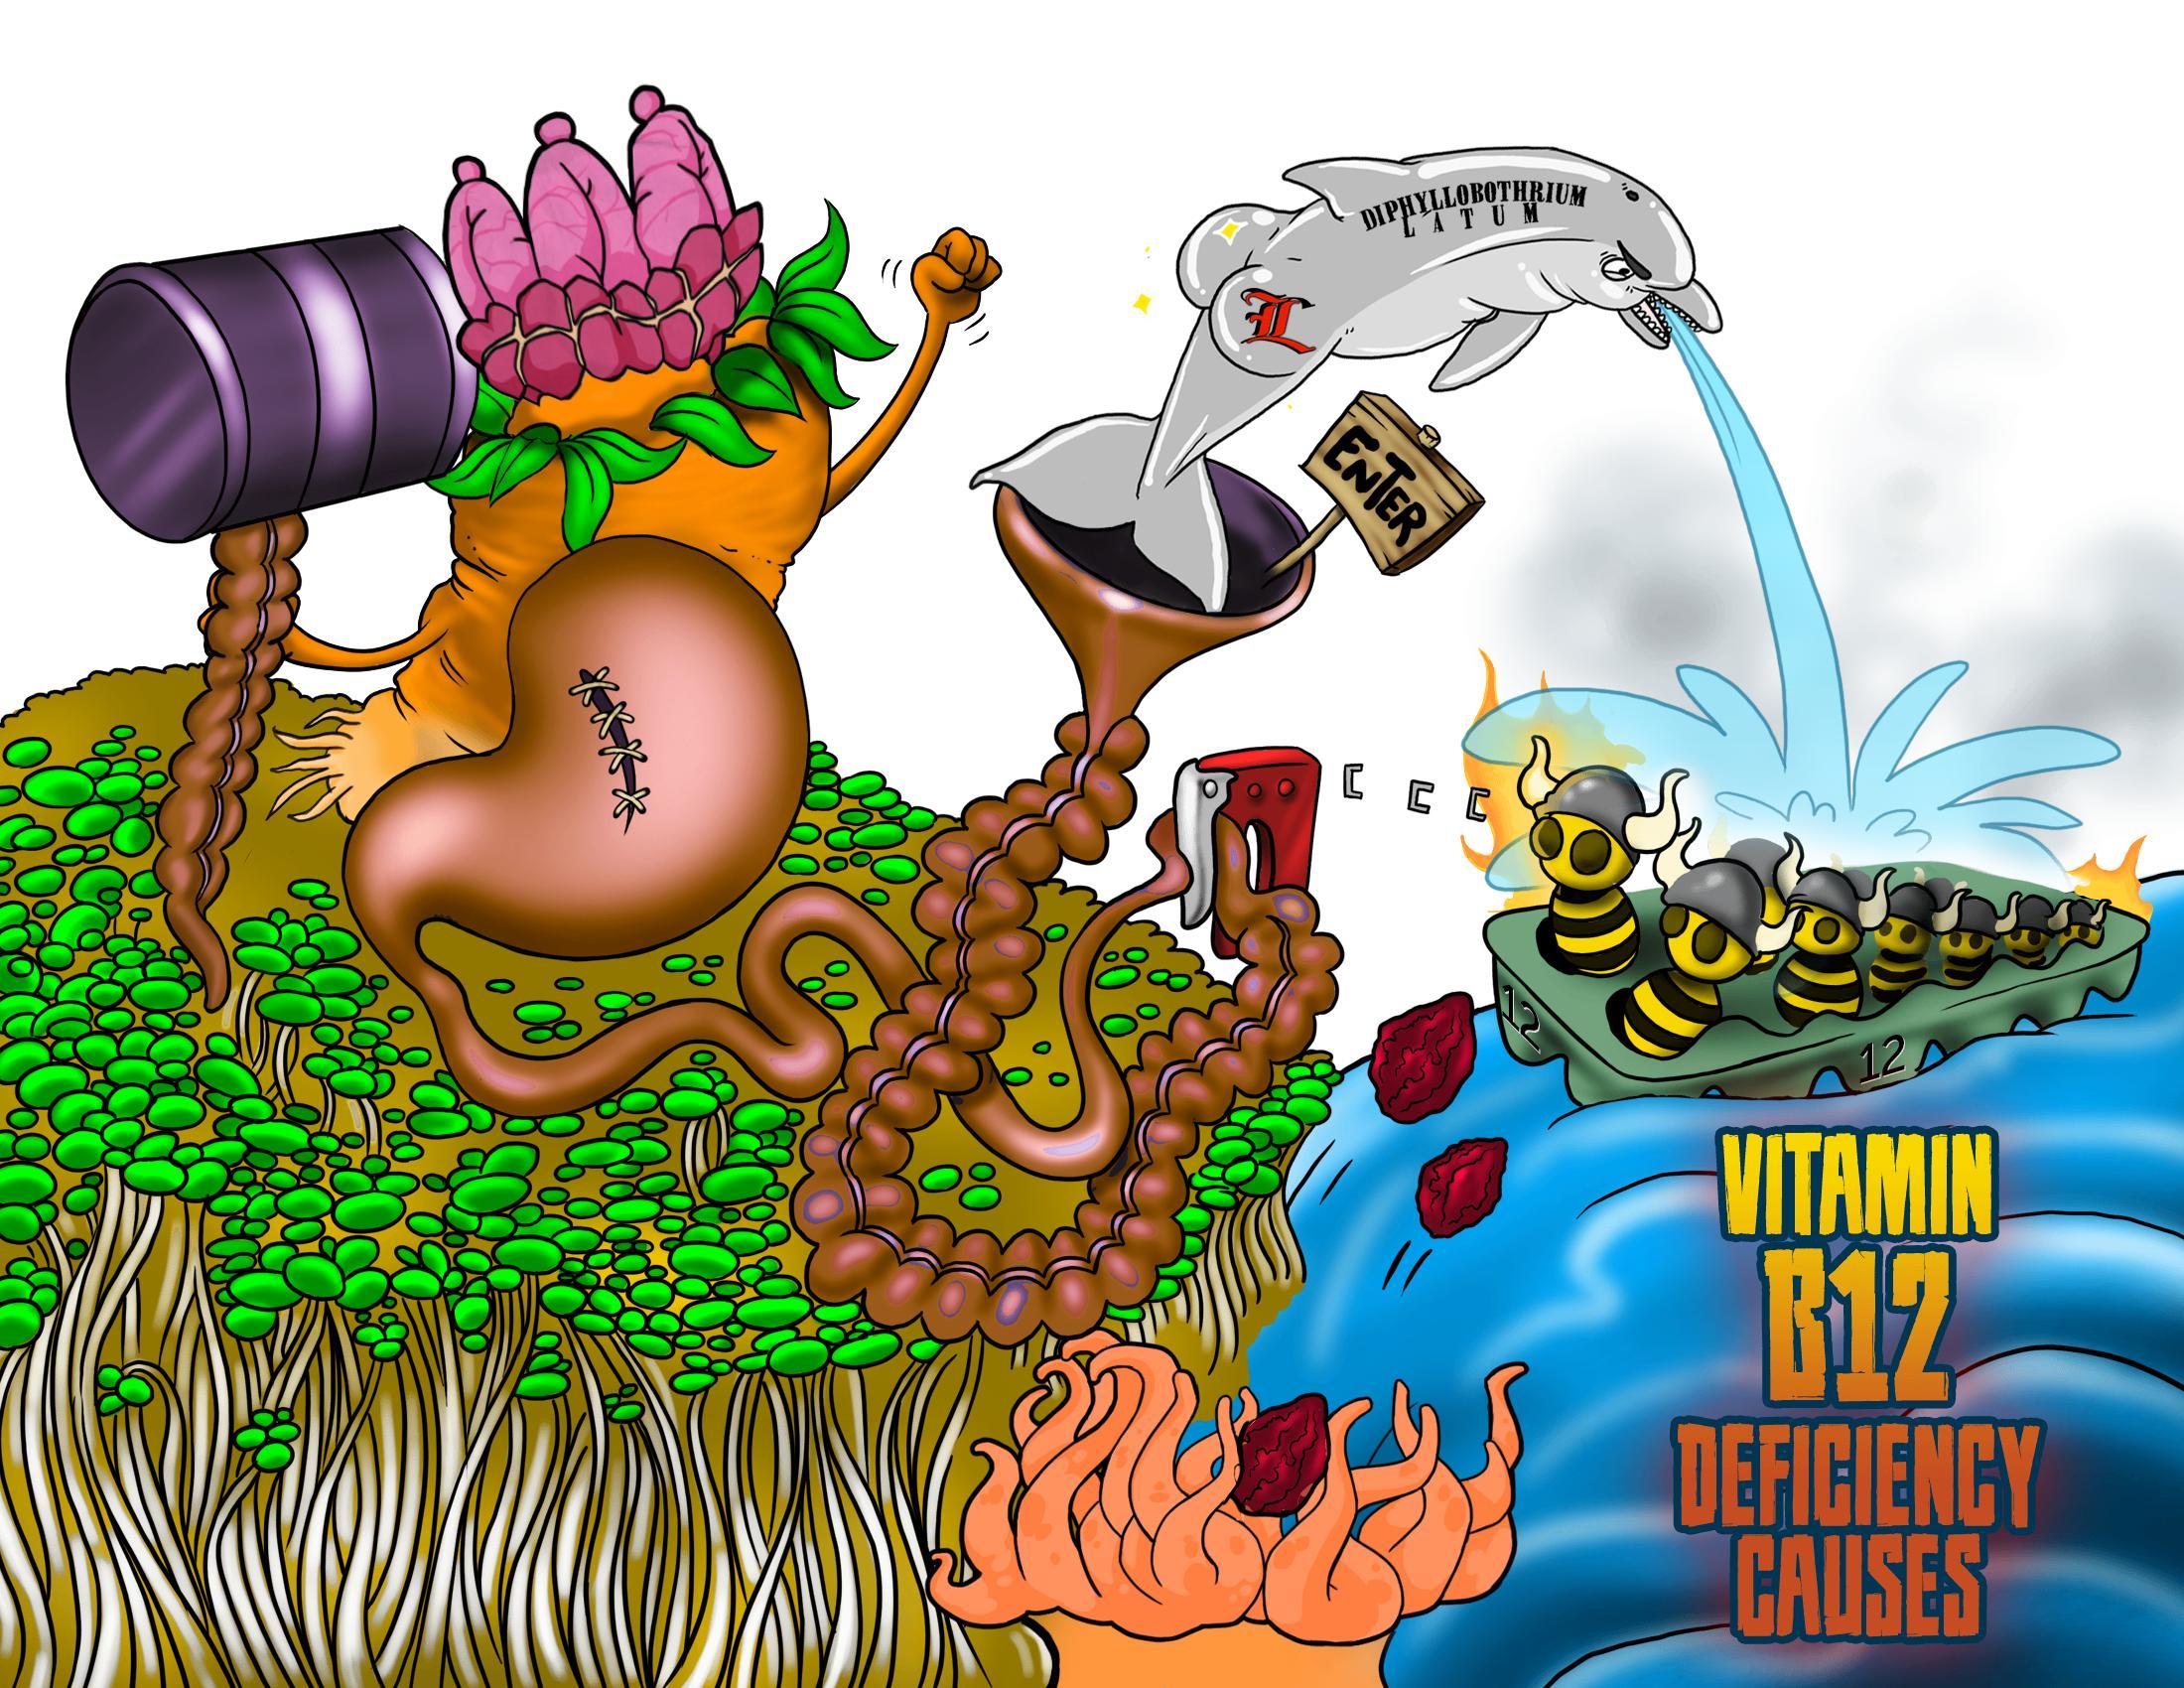 Vitamin B12 (Cobalamin) Deficiency Causes